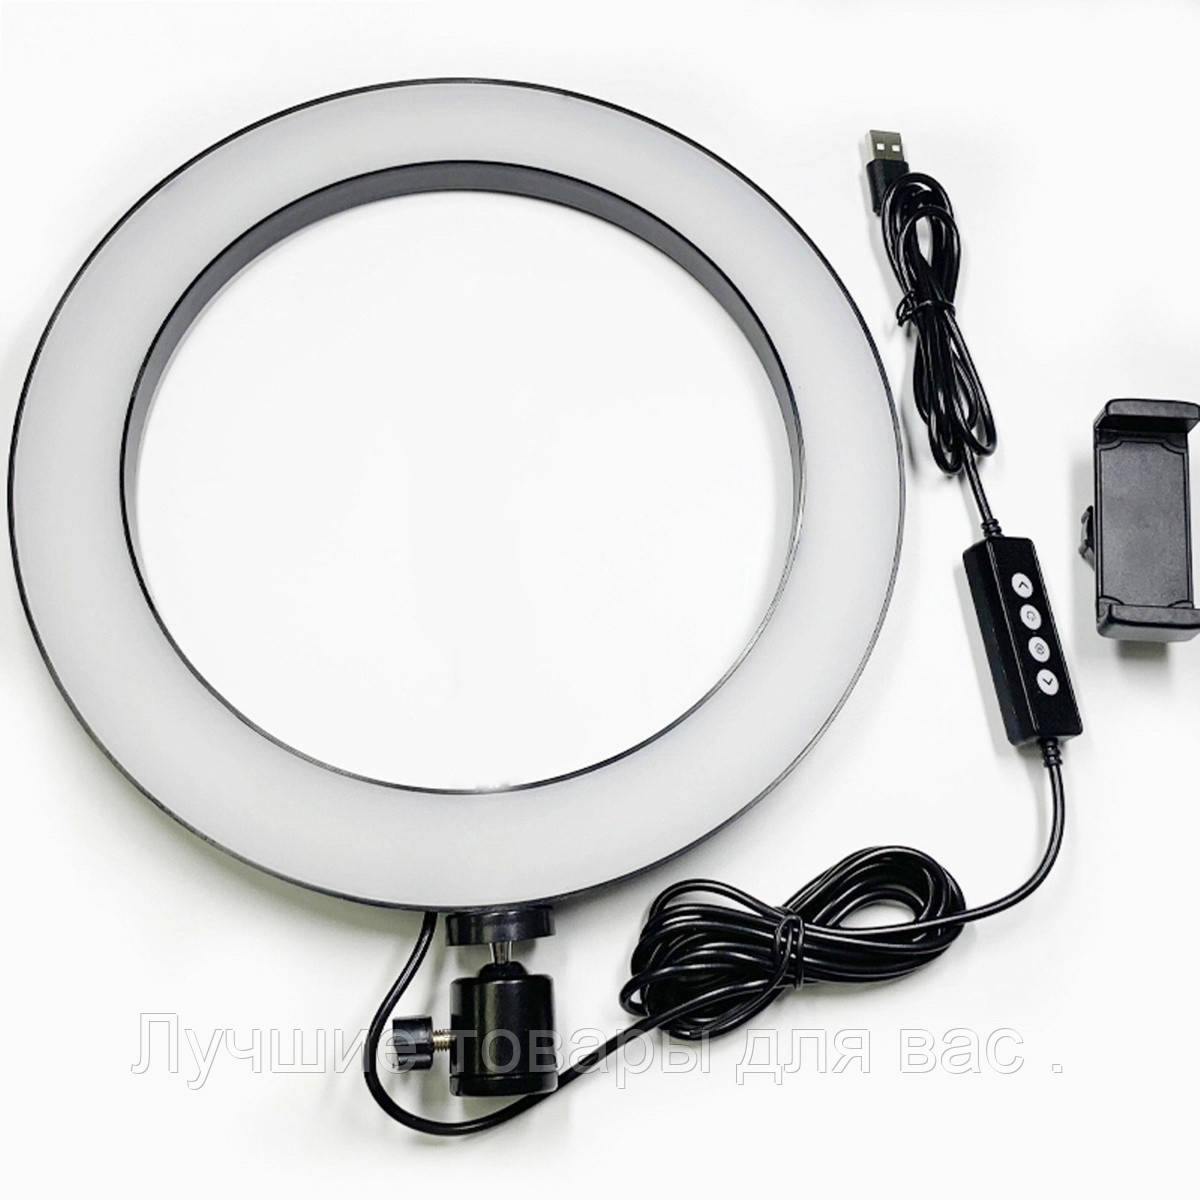 Кольцевая лампа LED 26 см. с раздвижным штативом 160 см.